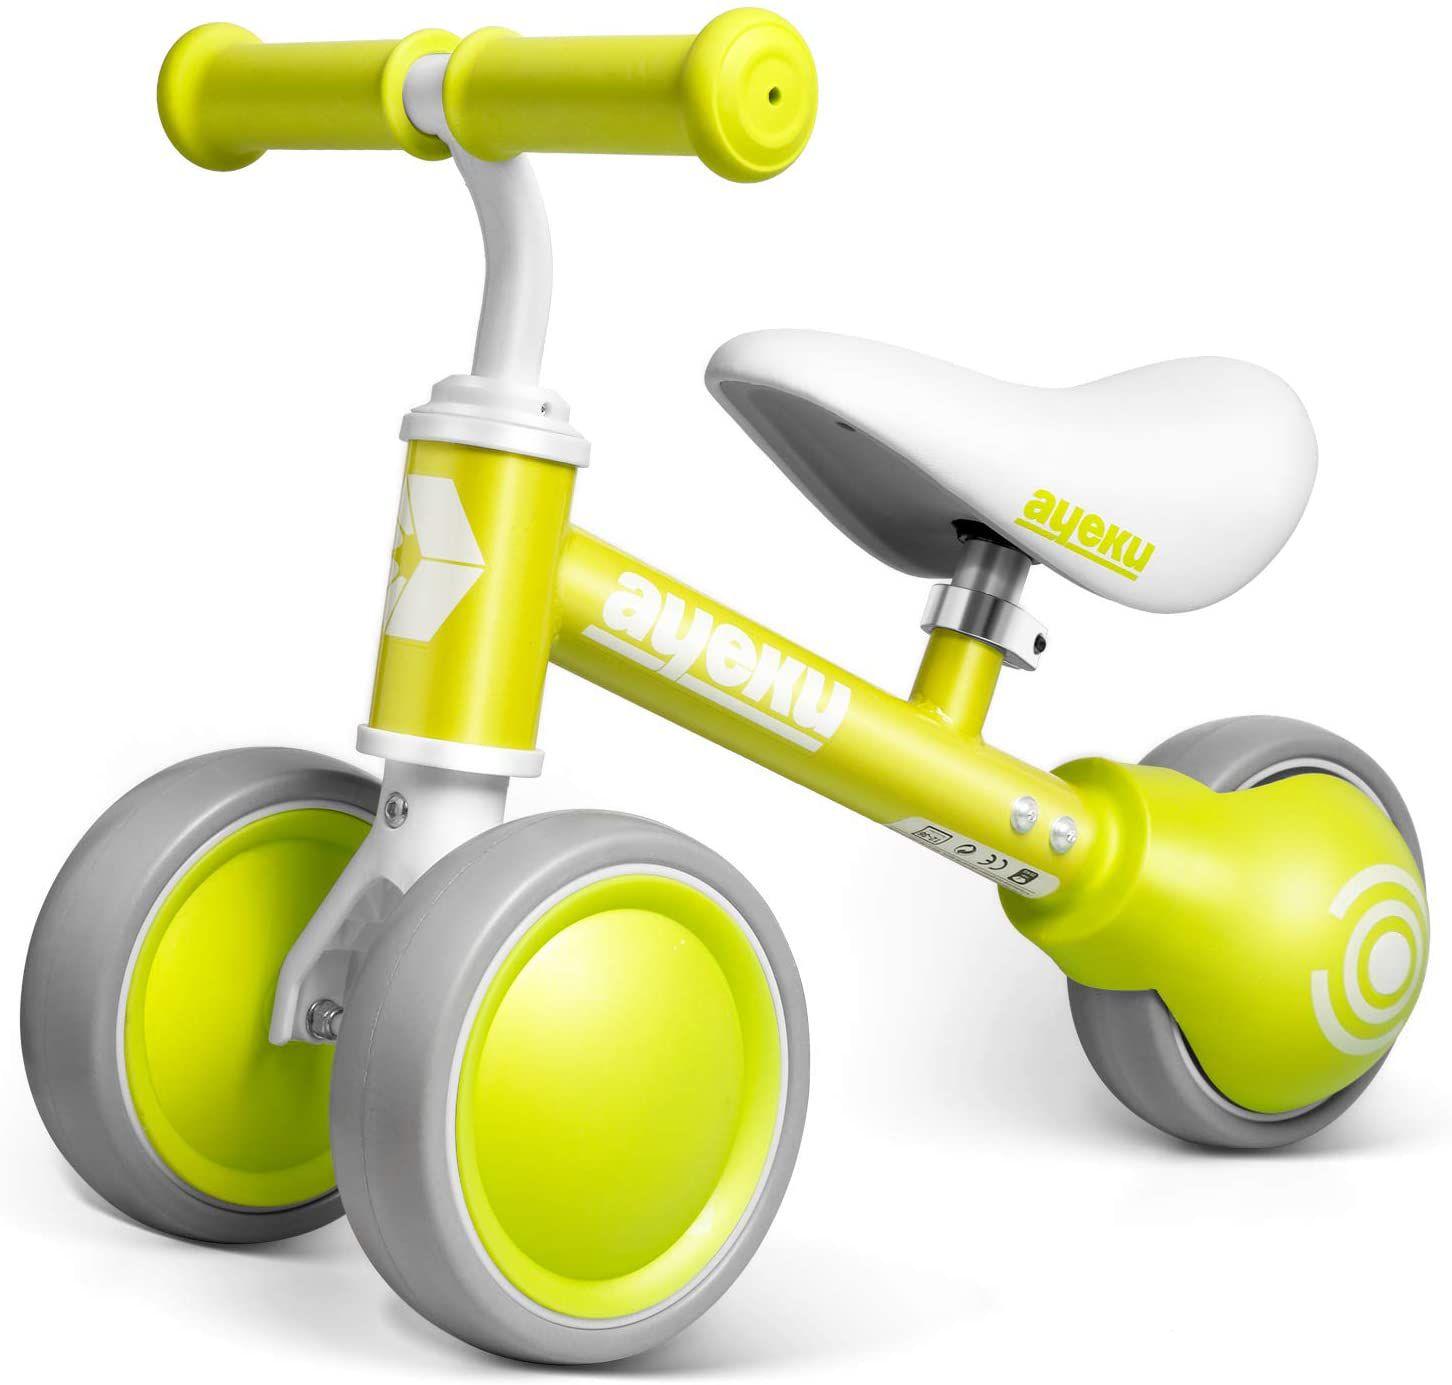 AyeKu Baby Balance Bike